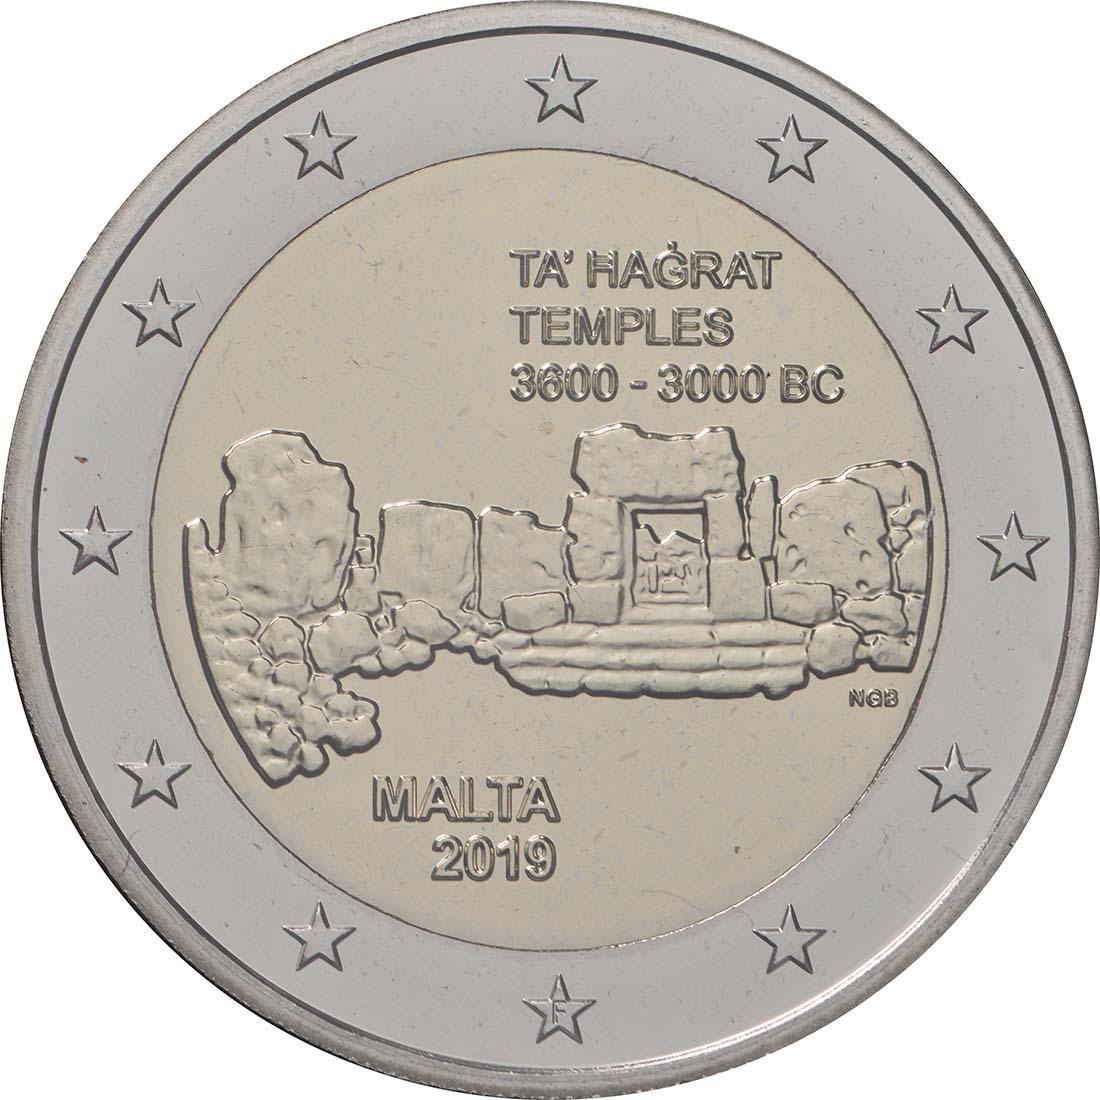 2019 344 Malta Ta Hagrat (Mz F).jpg